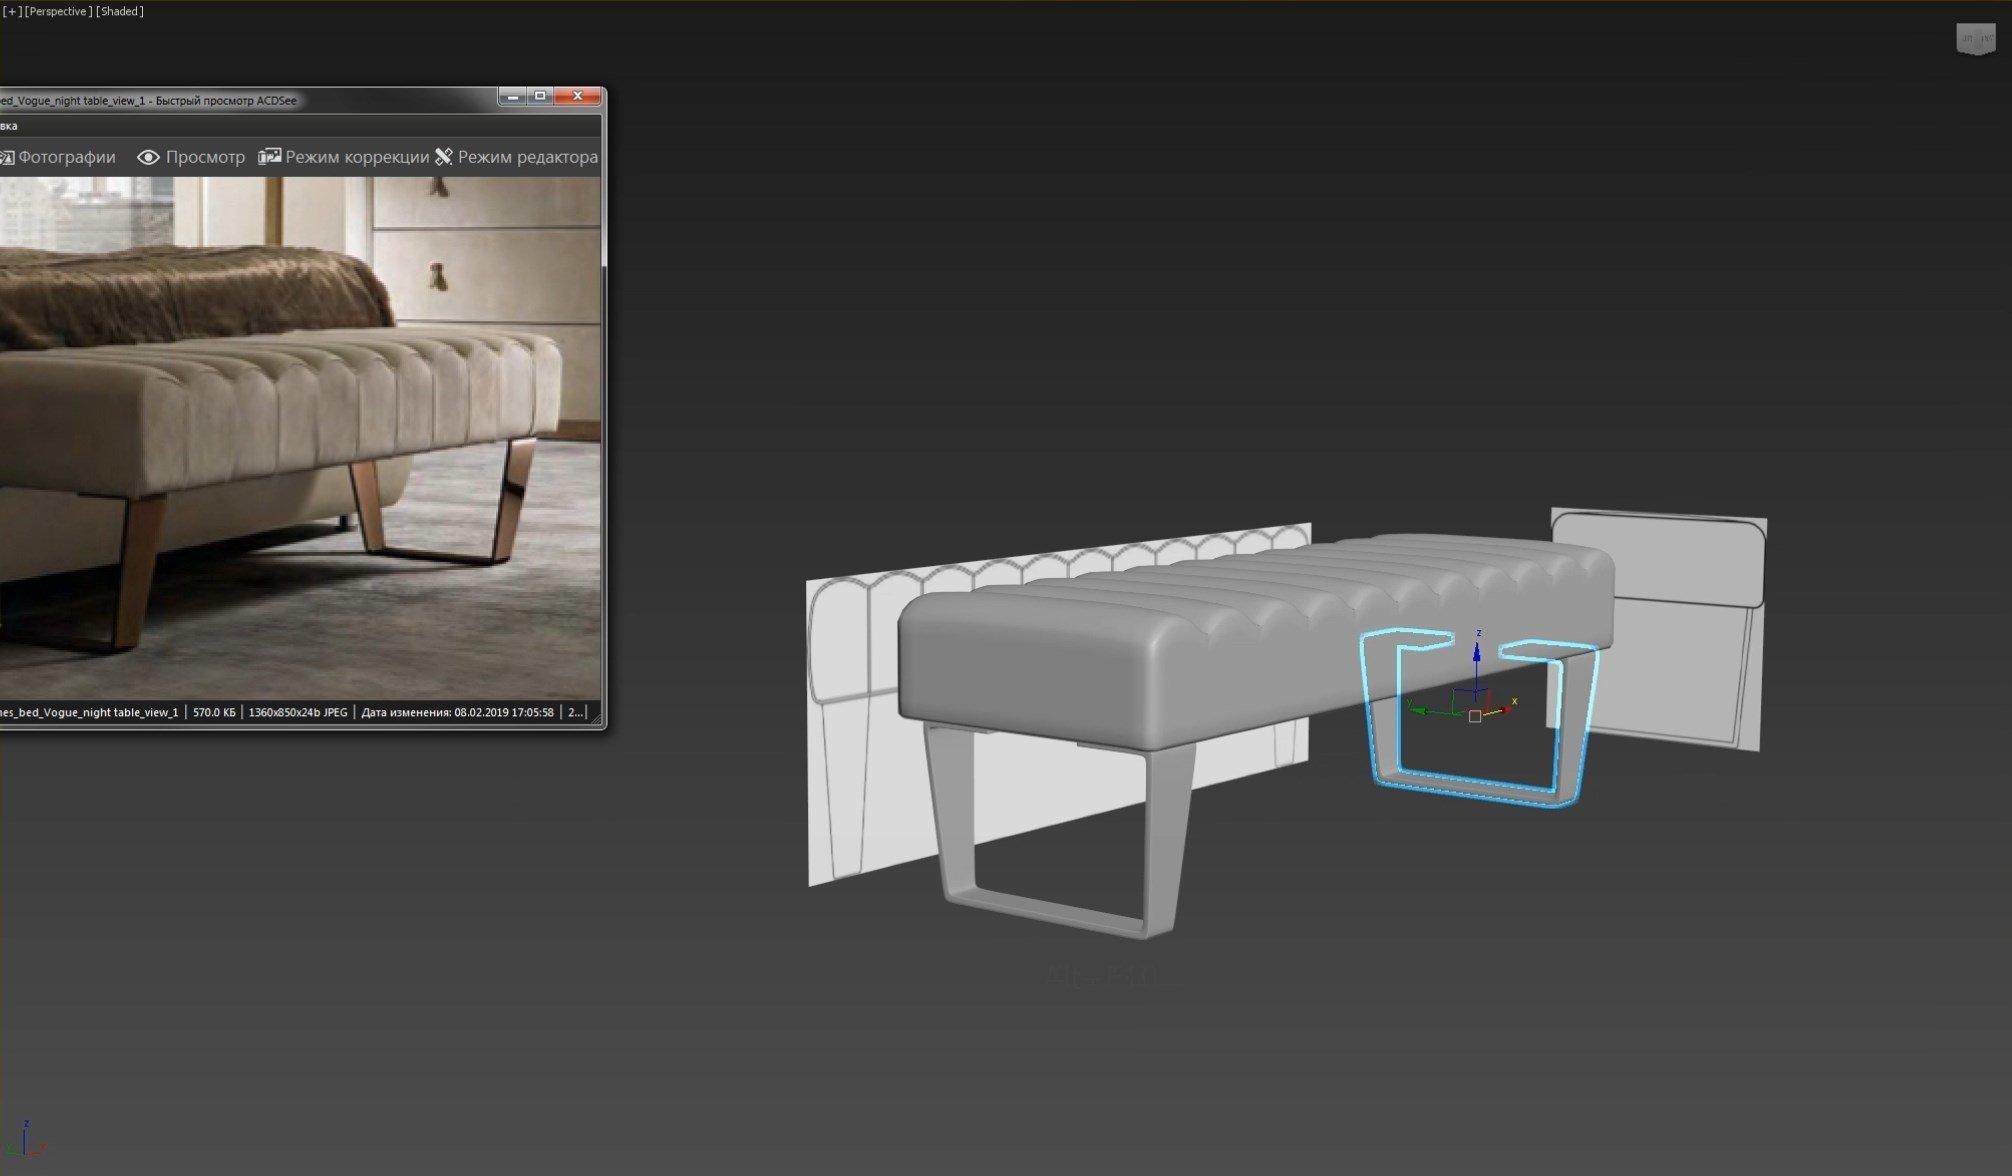 3d моделирование прикроватной скамьи DV home Ritz в 3dsMax и Marvelous Designer_1